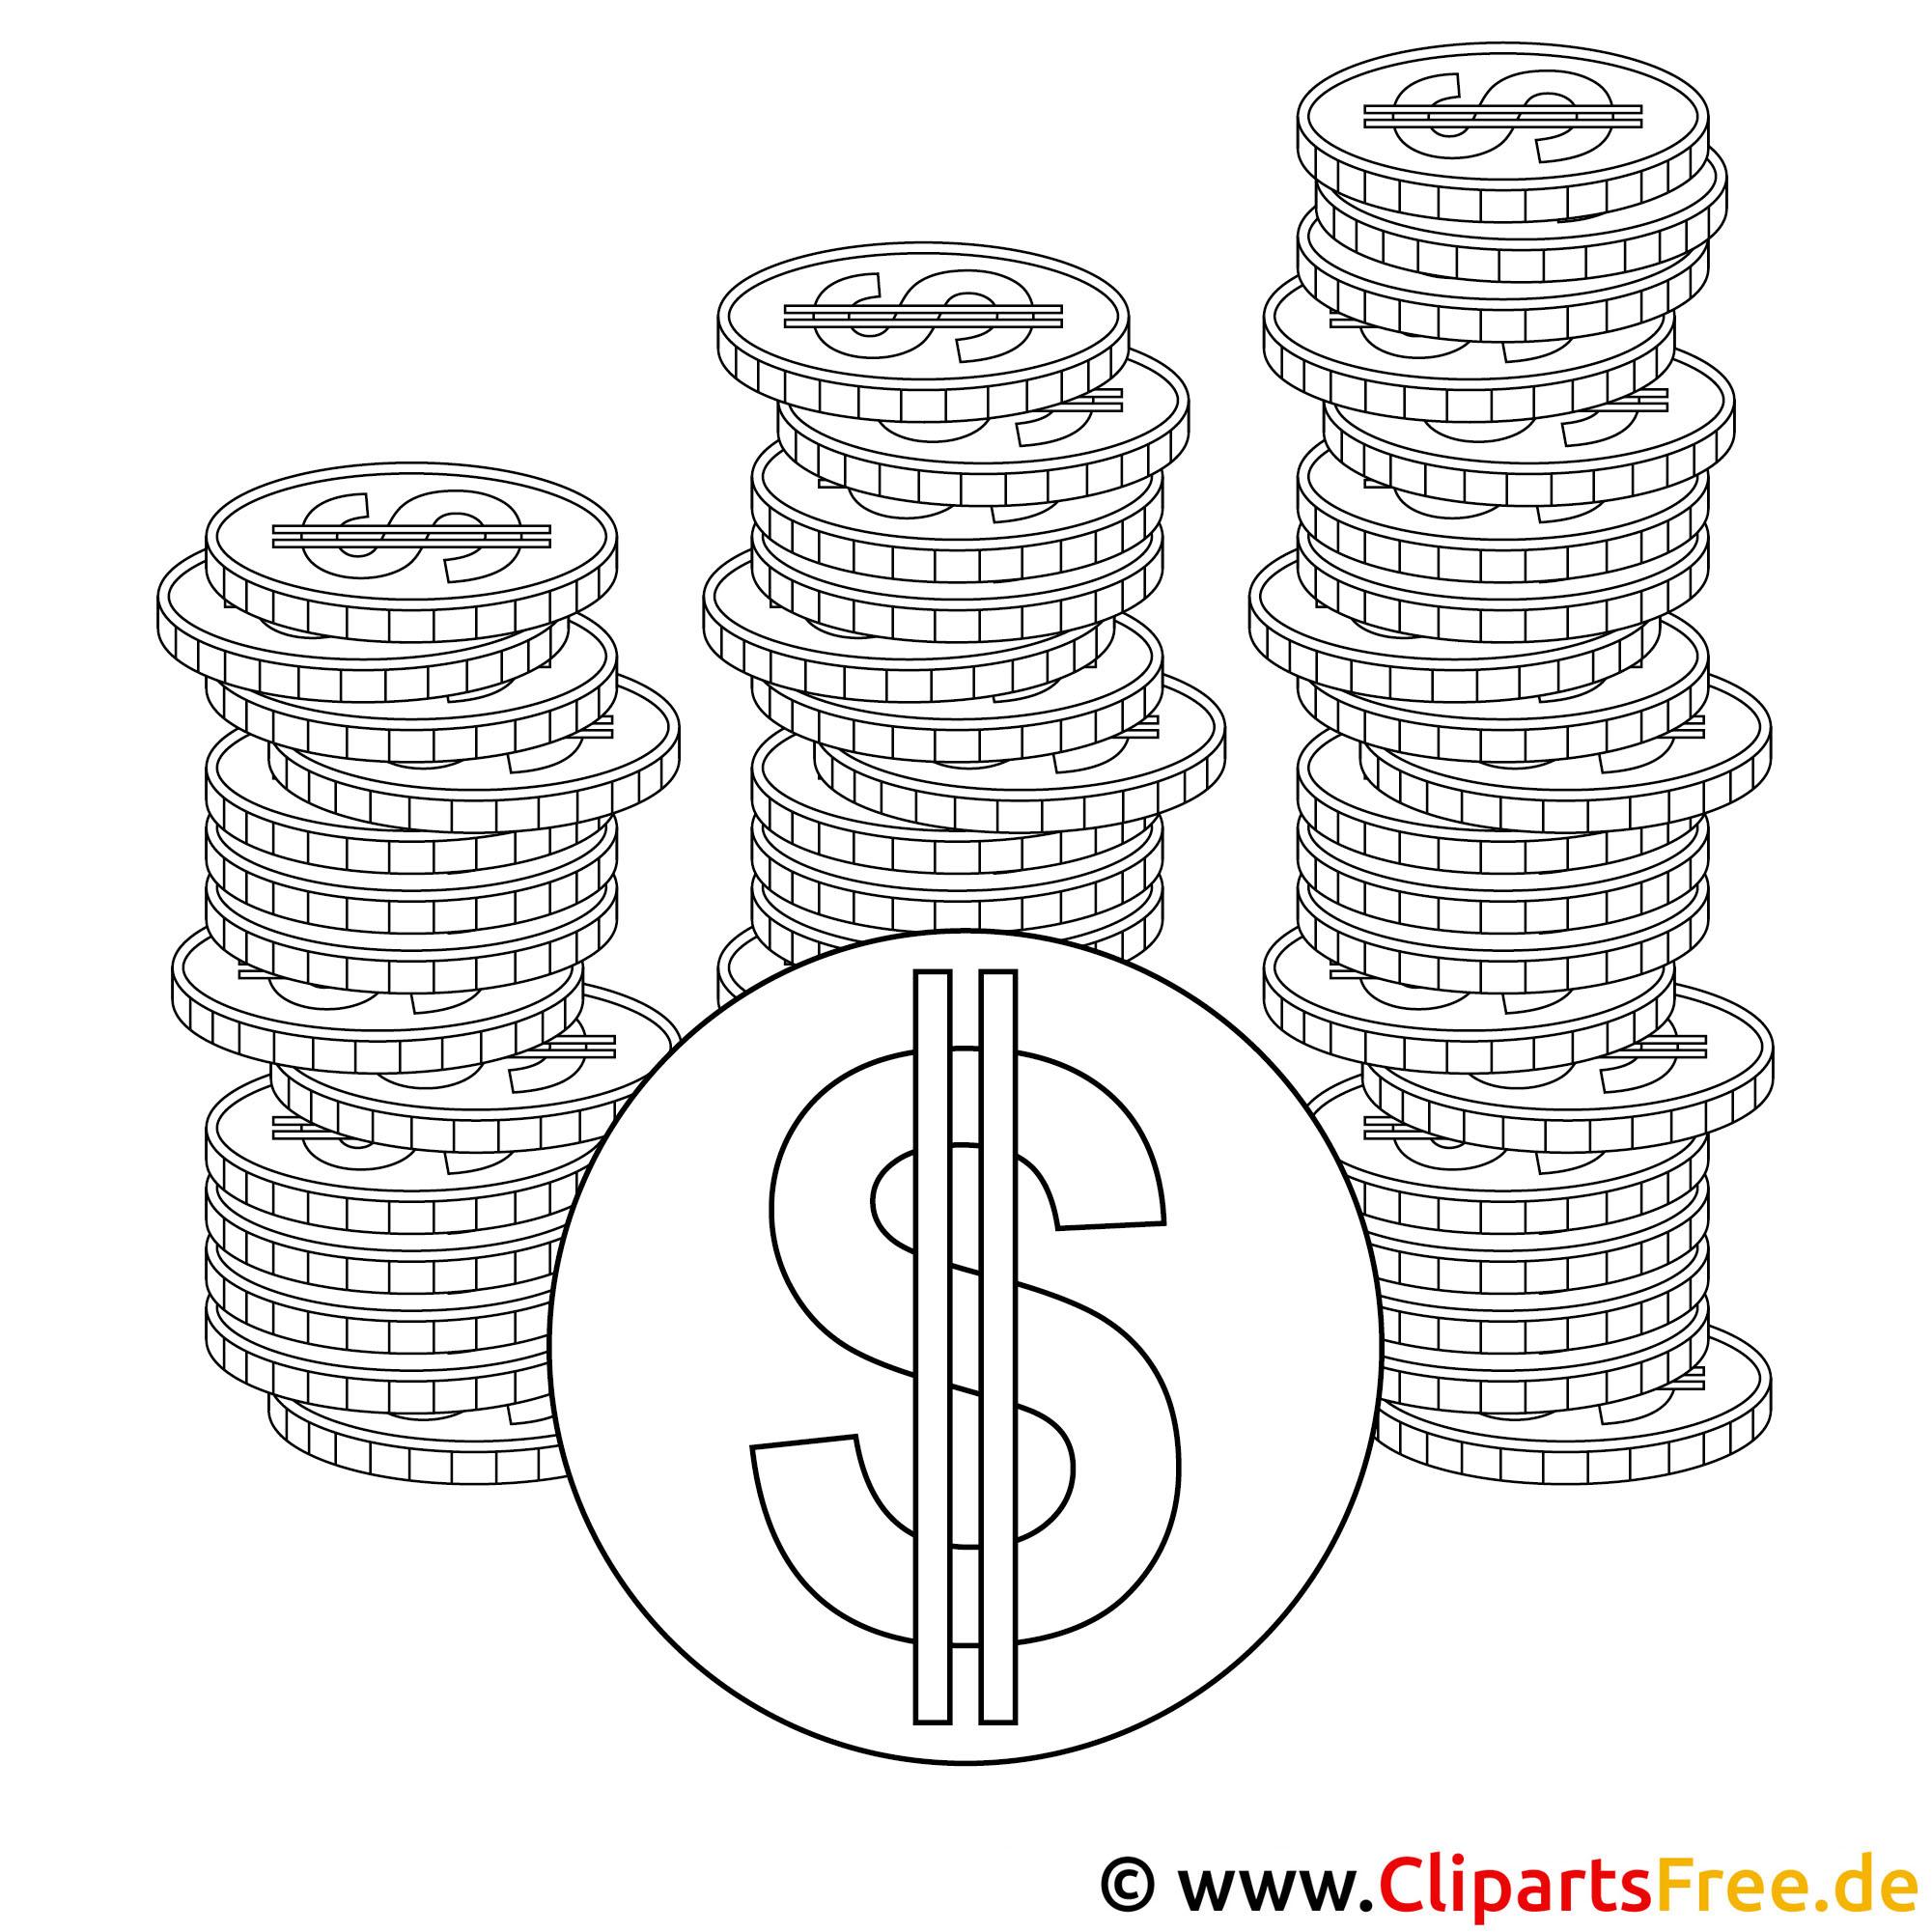 Wirtschaft Bilder zum Ausmalen kostenlos zum Ausdrucken